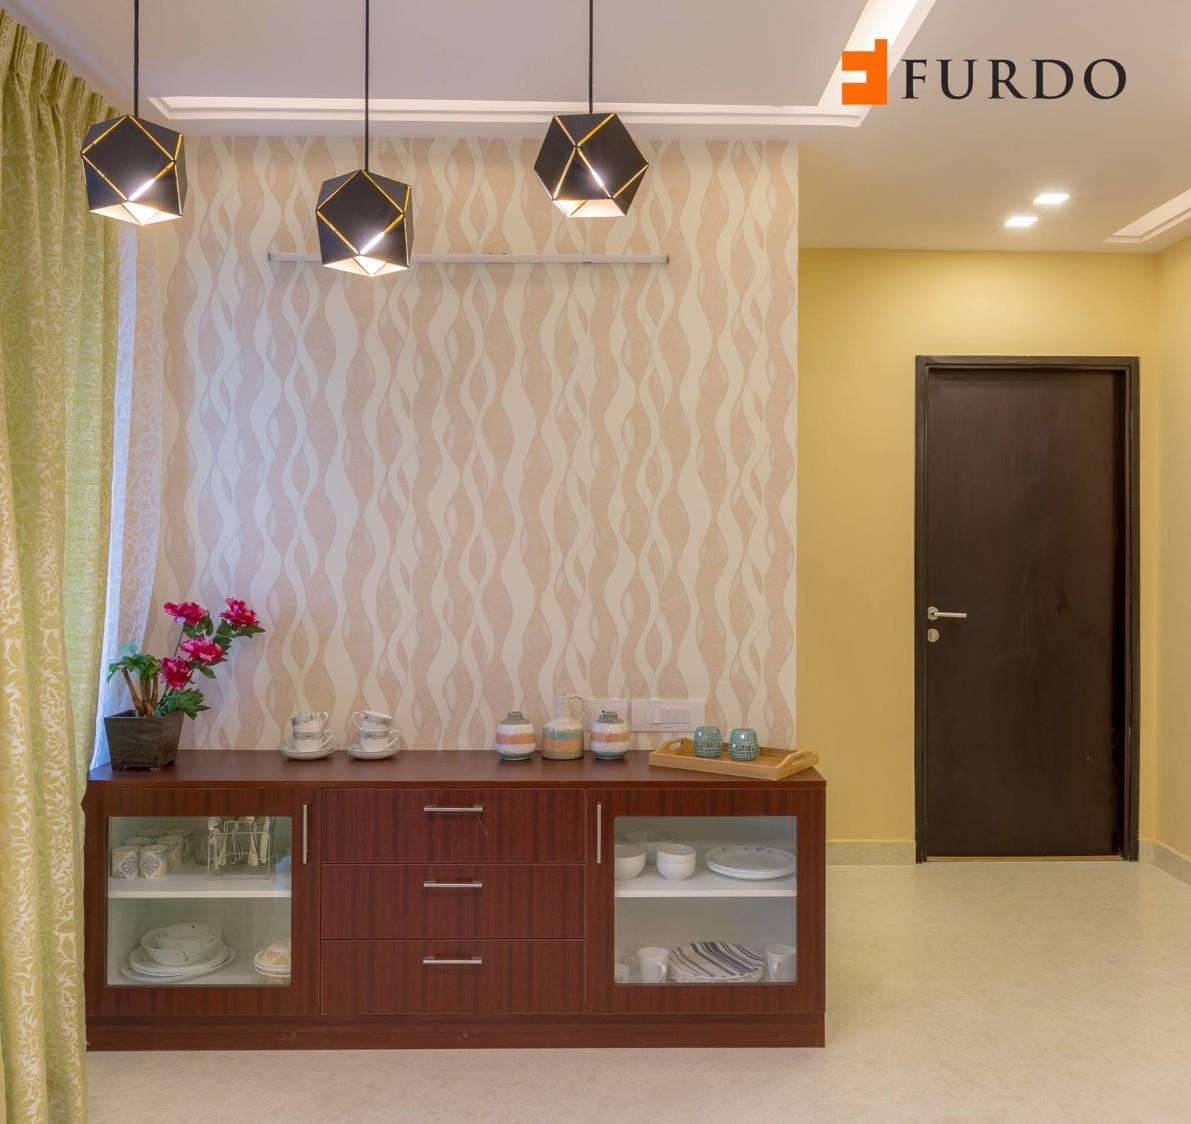 Wooden Display Unit by Furdo.com Indoor-spaces Modern | Interior Design Photos & Ideas